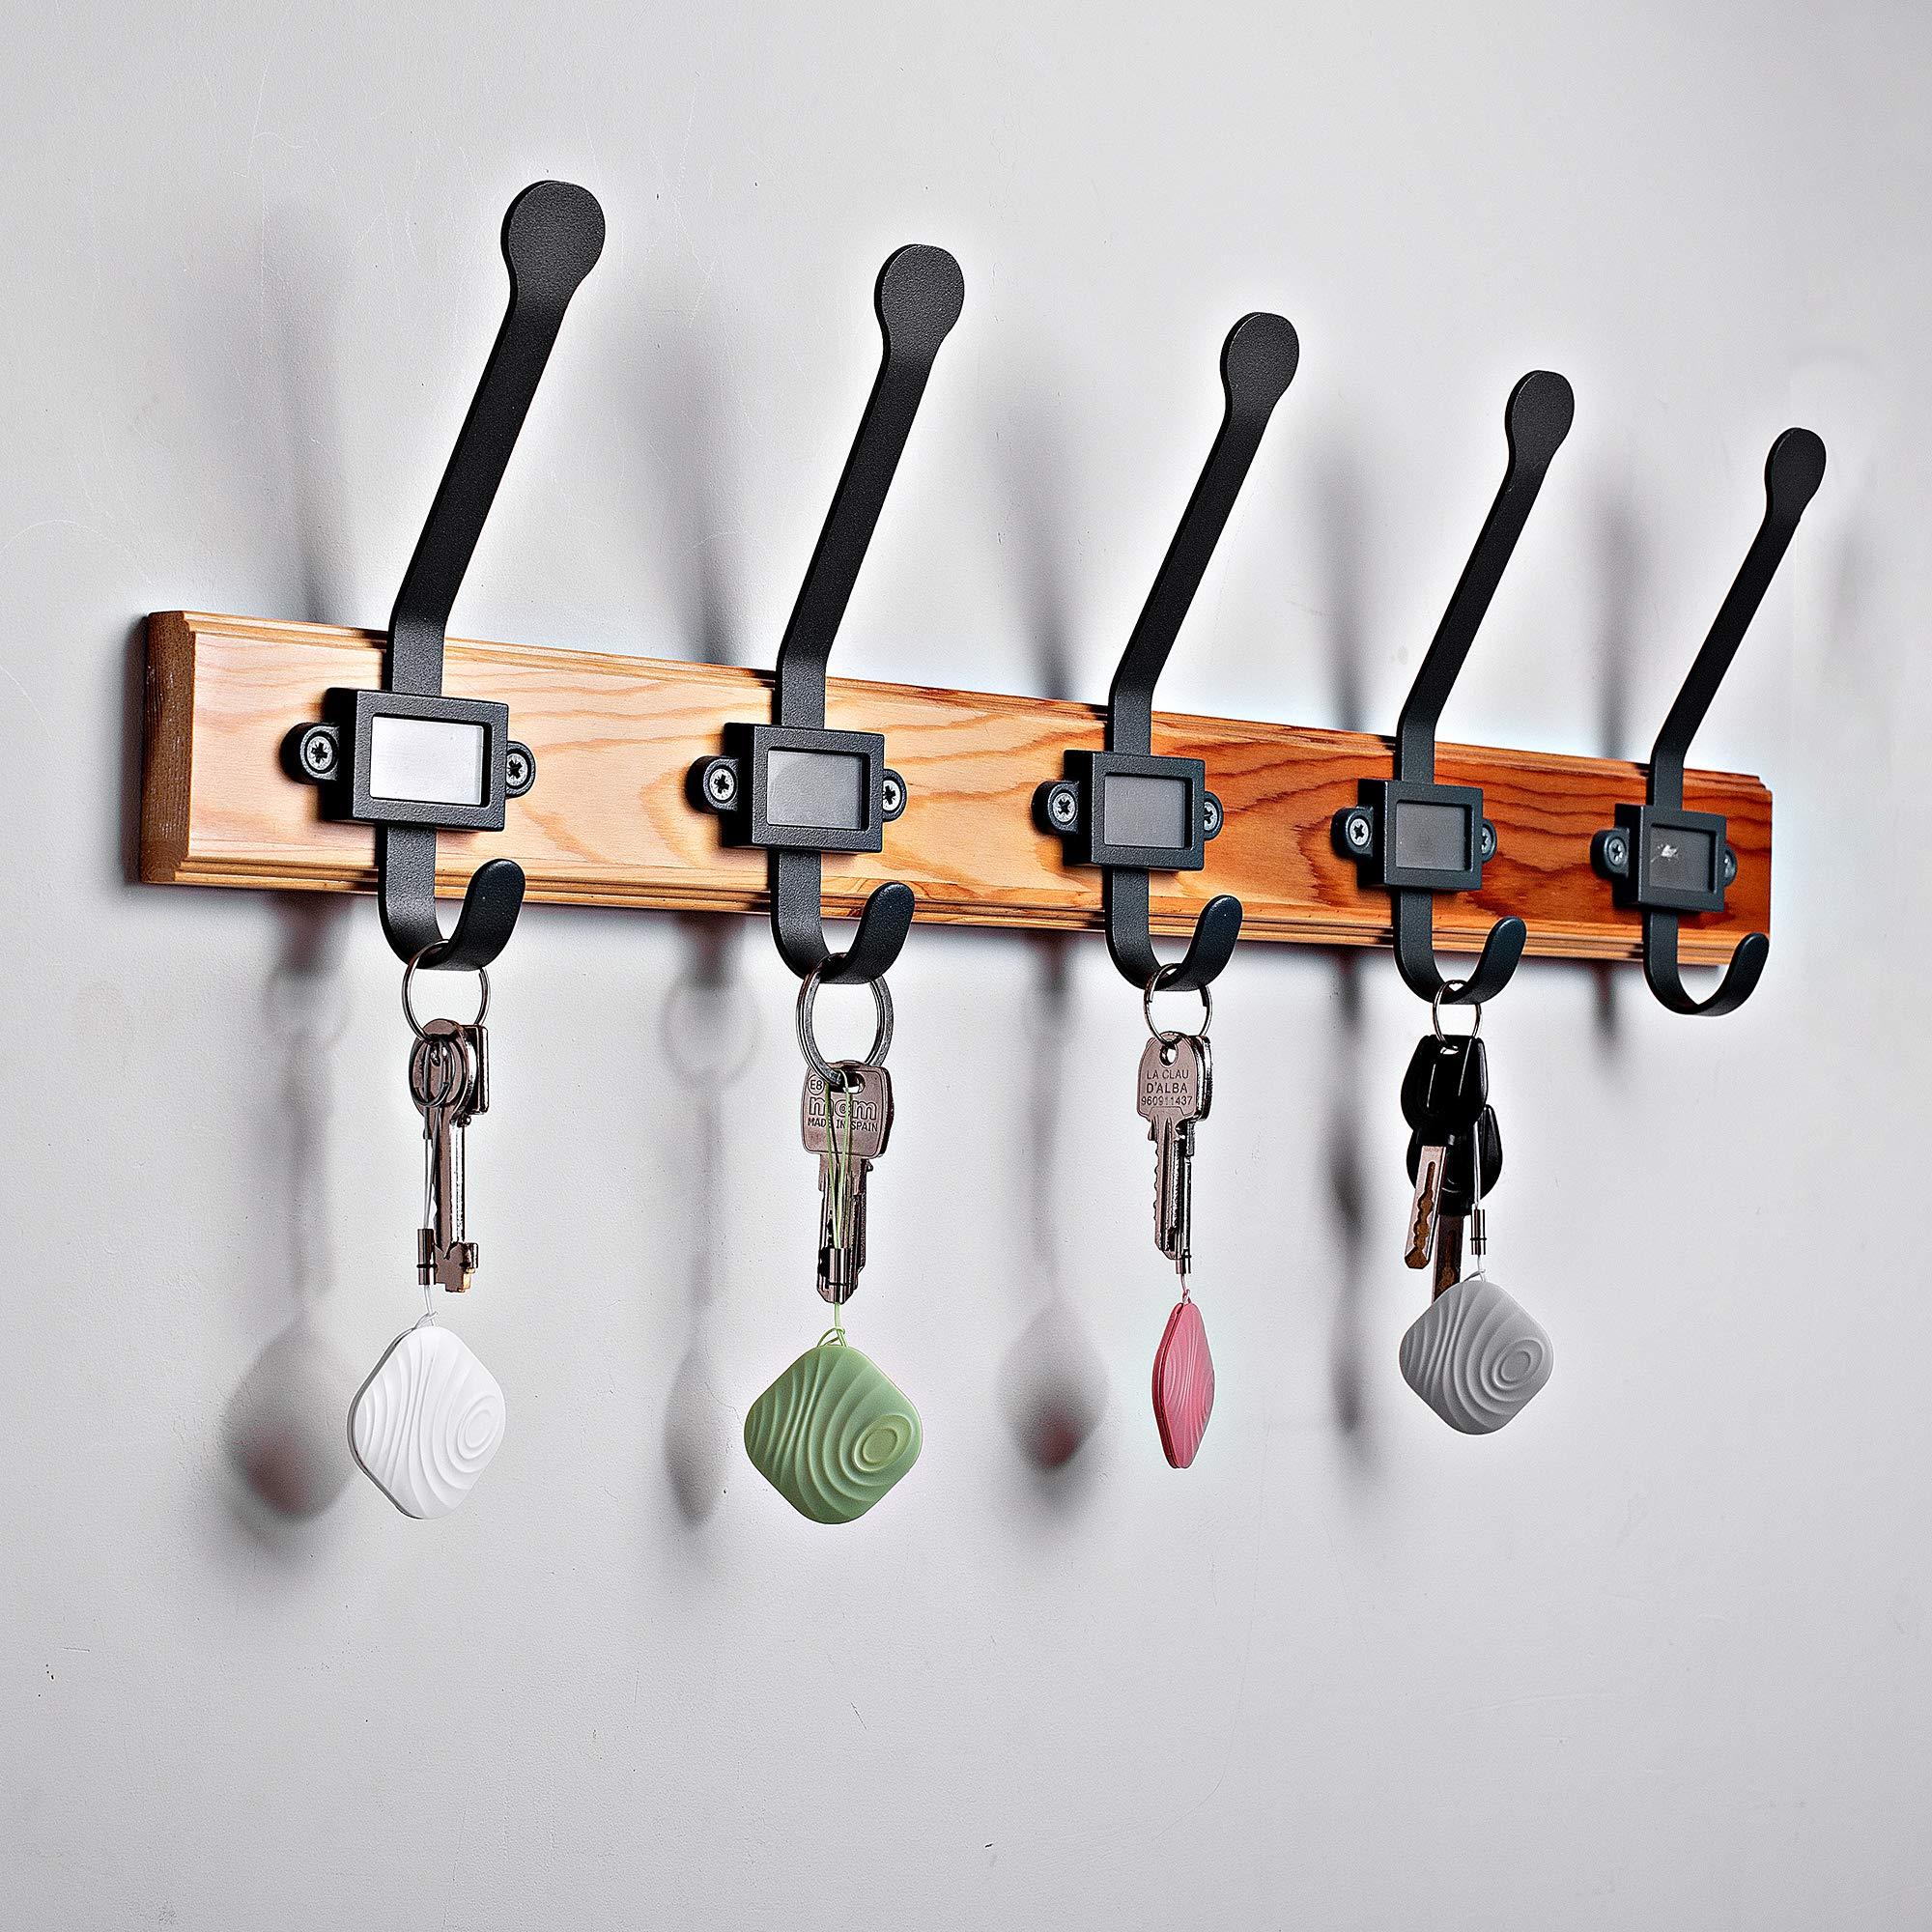 Nut3 Key Finder Locator (paquete de 4) - Rastreador inteligente de artículos y dispositivo buscador de Bluetooth para billetera, teléfono, mascotas, perros, gatos - Recordatorio de alarma bidireccional anti-pérdida - Batería reemplazable - Multicolor